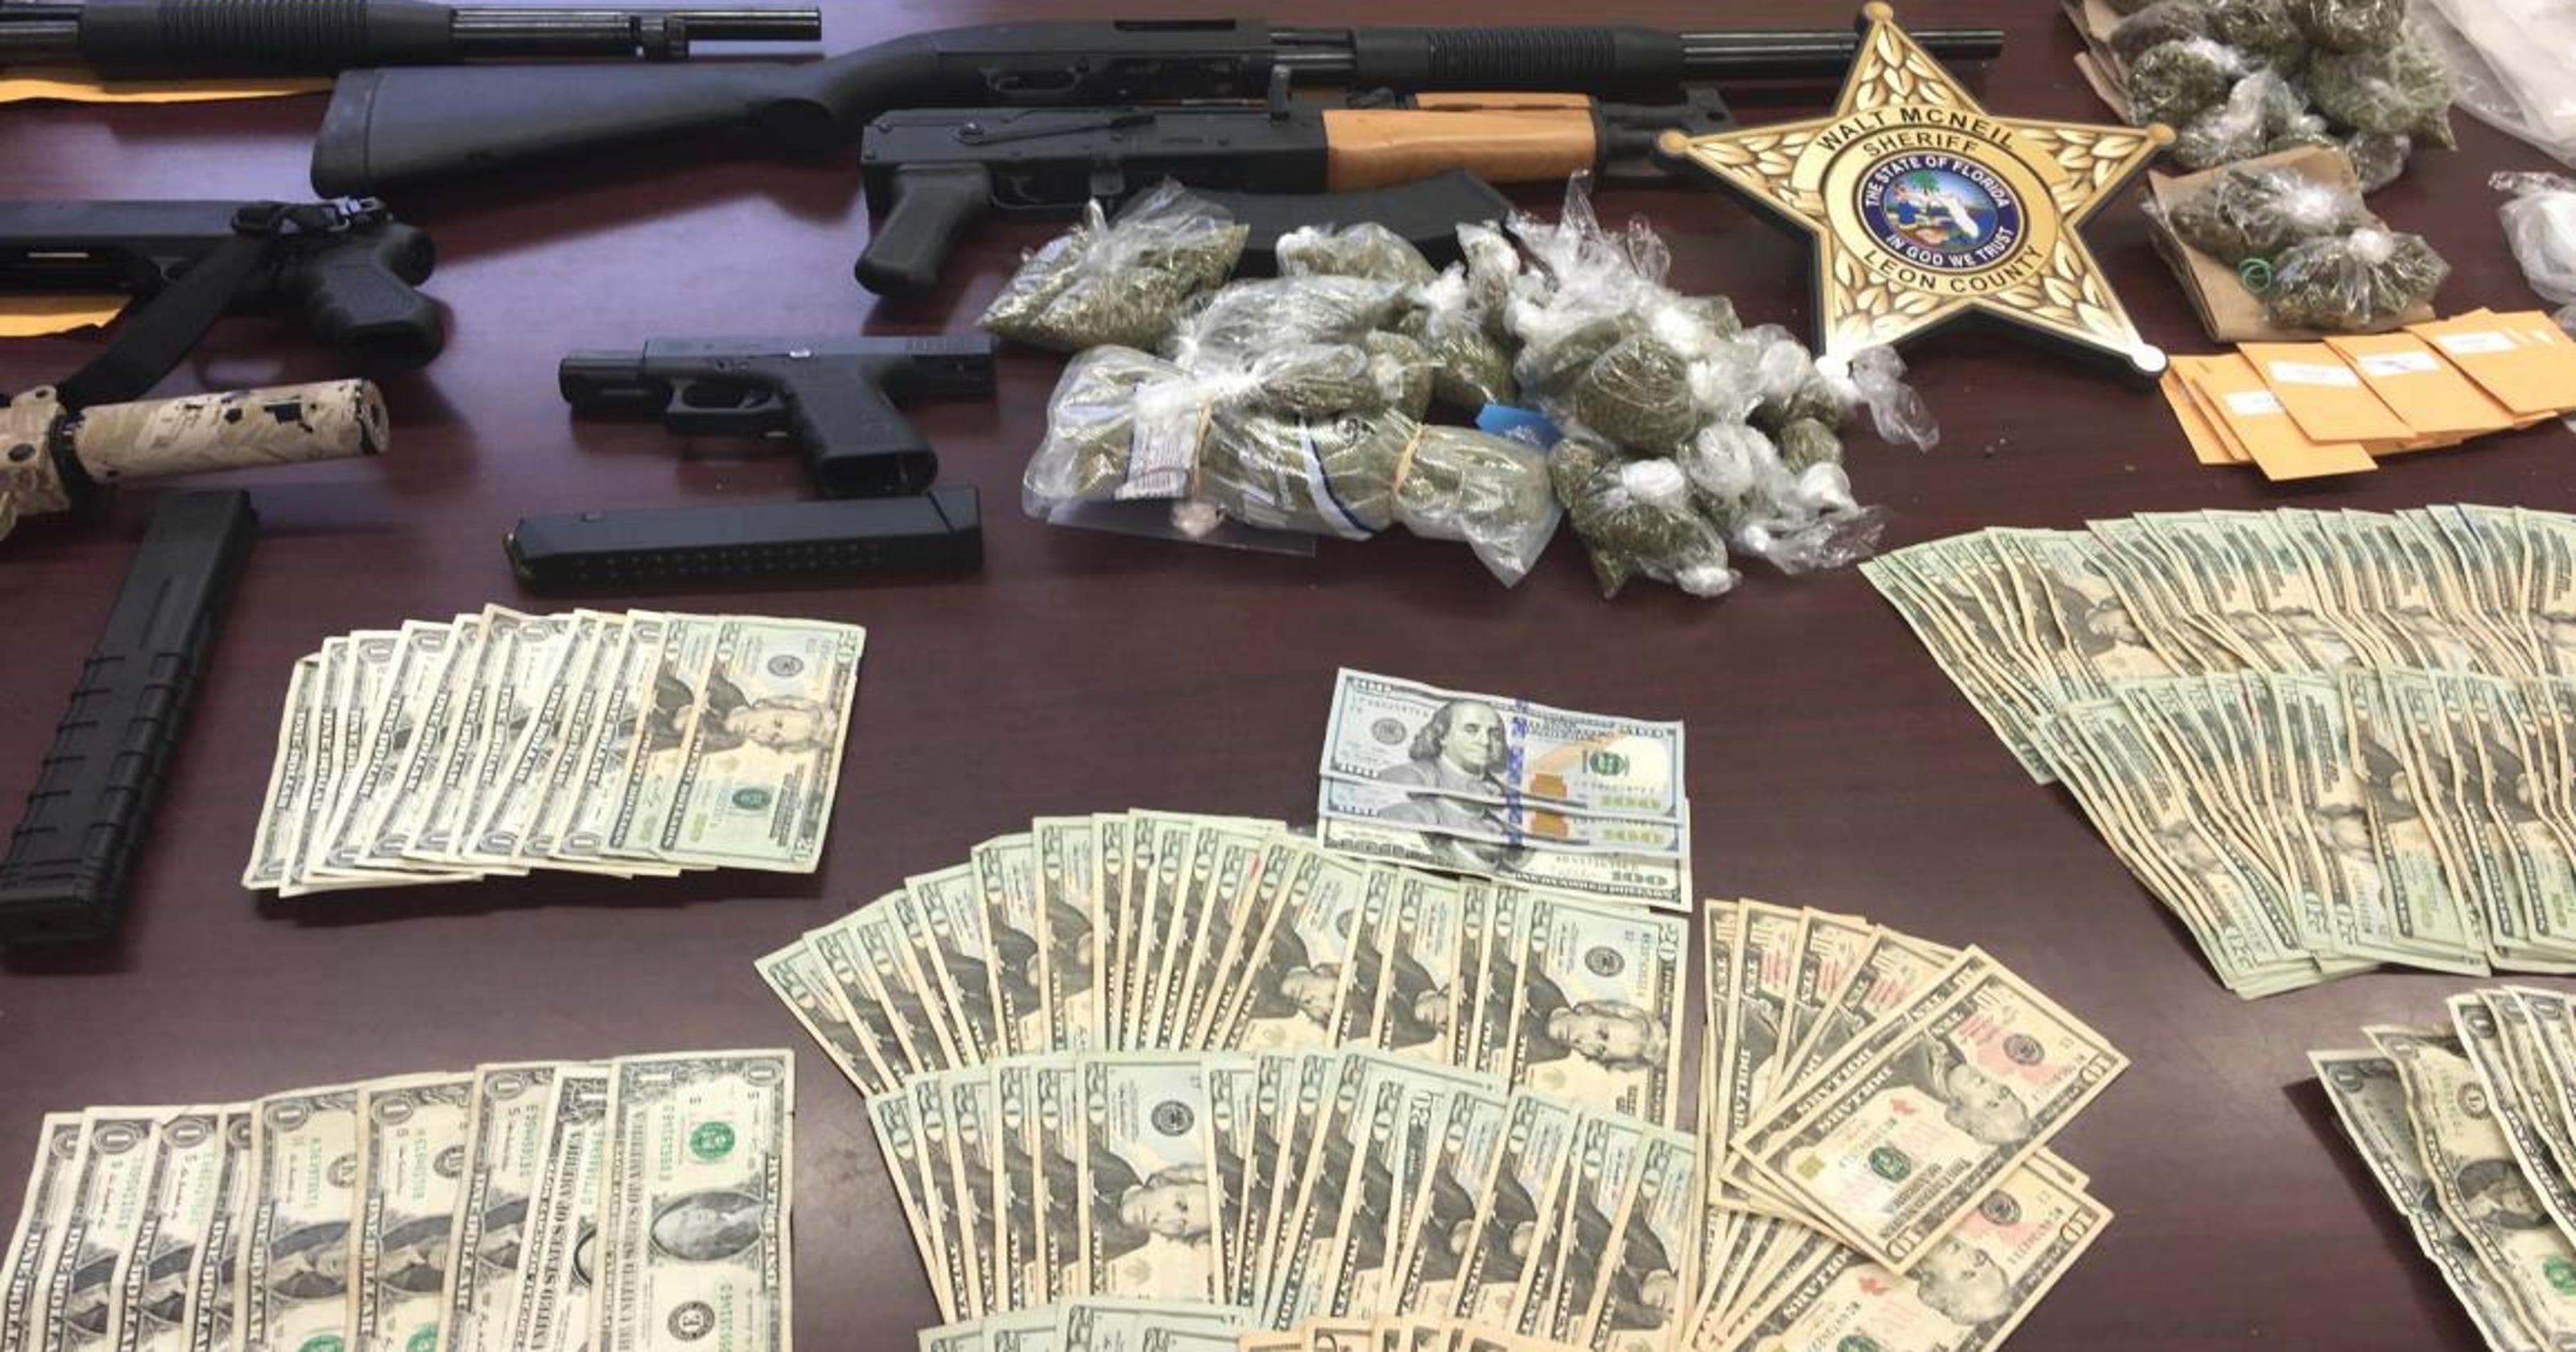 Guns, drugs and cash seized in apartment raid